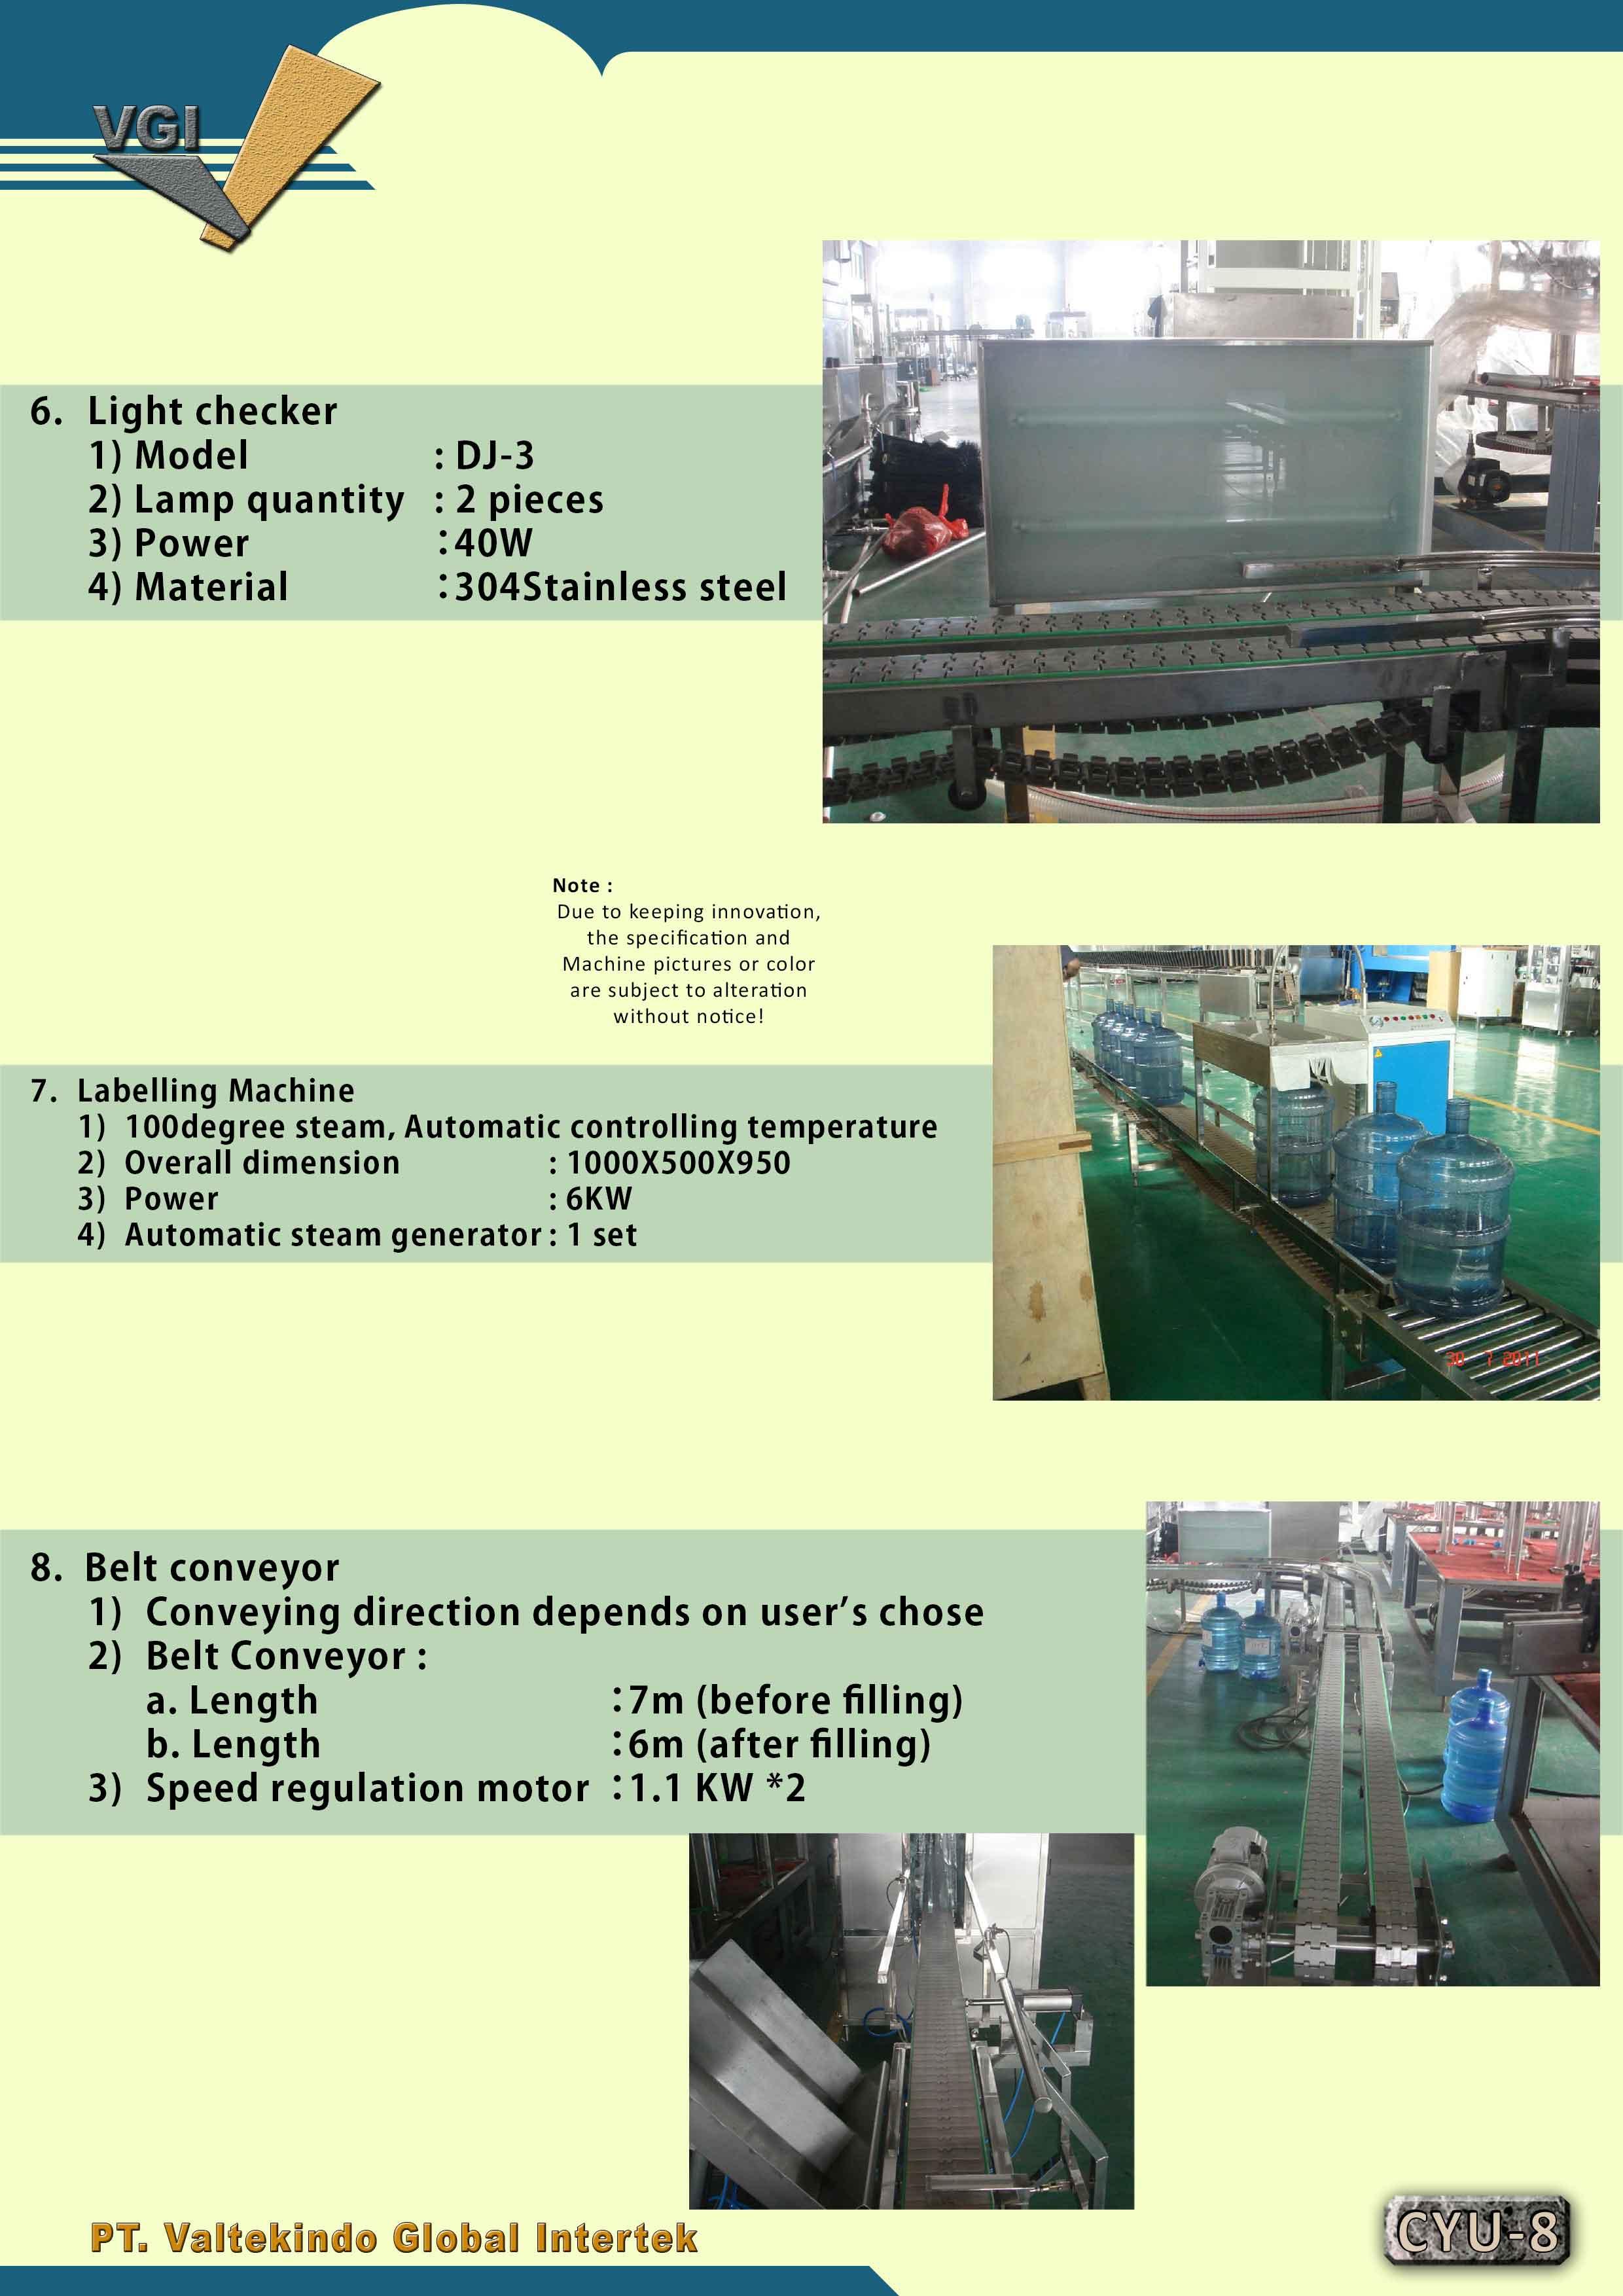 jual mesin, harga mesin, jual mesin bandung, distributor mesin, jual mesin karet, daur ulang karet, daur ulang plastik, mesin pertanian .Labelling Machine .Labelling Machine